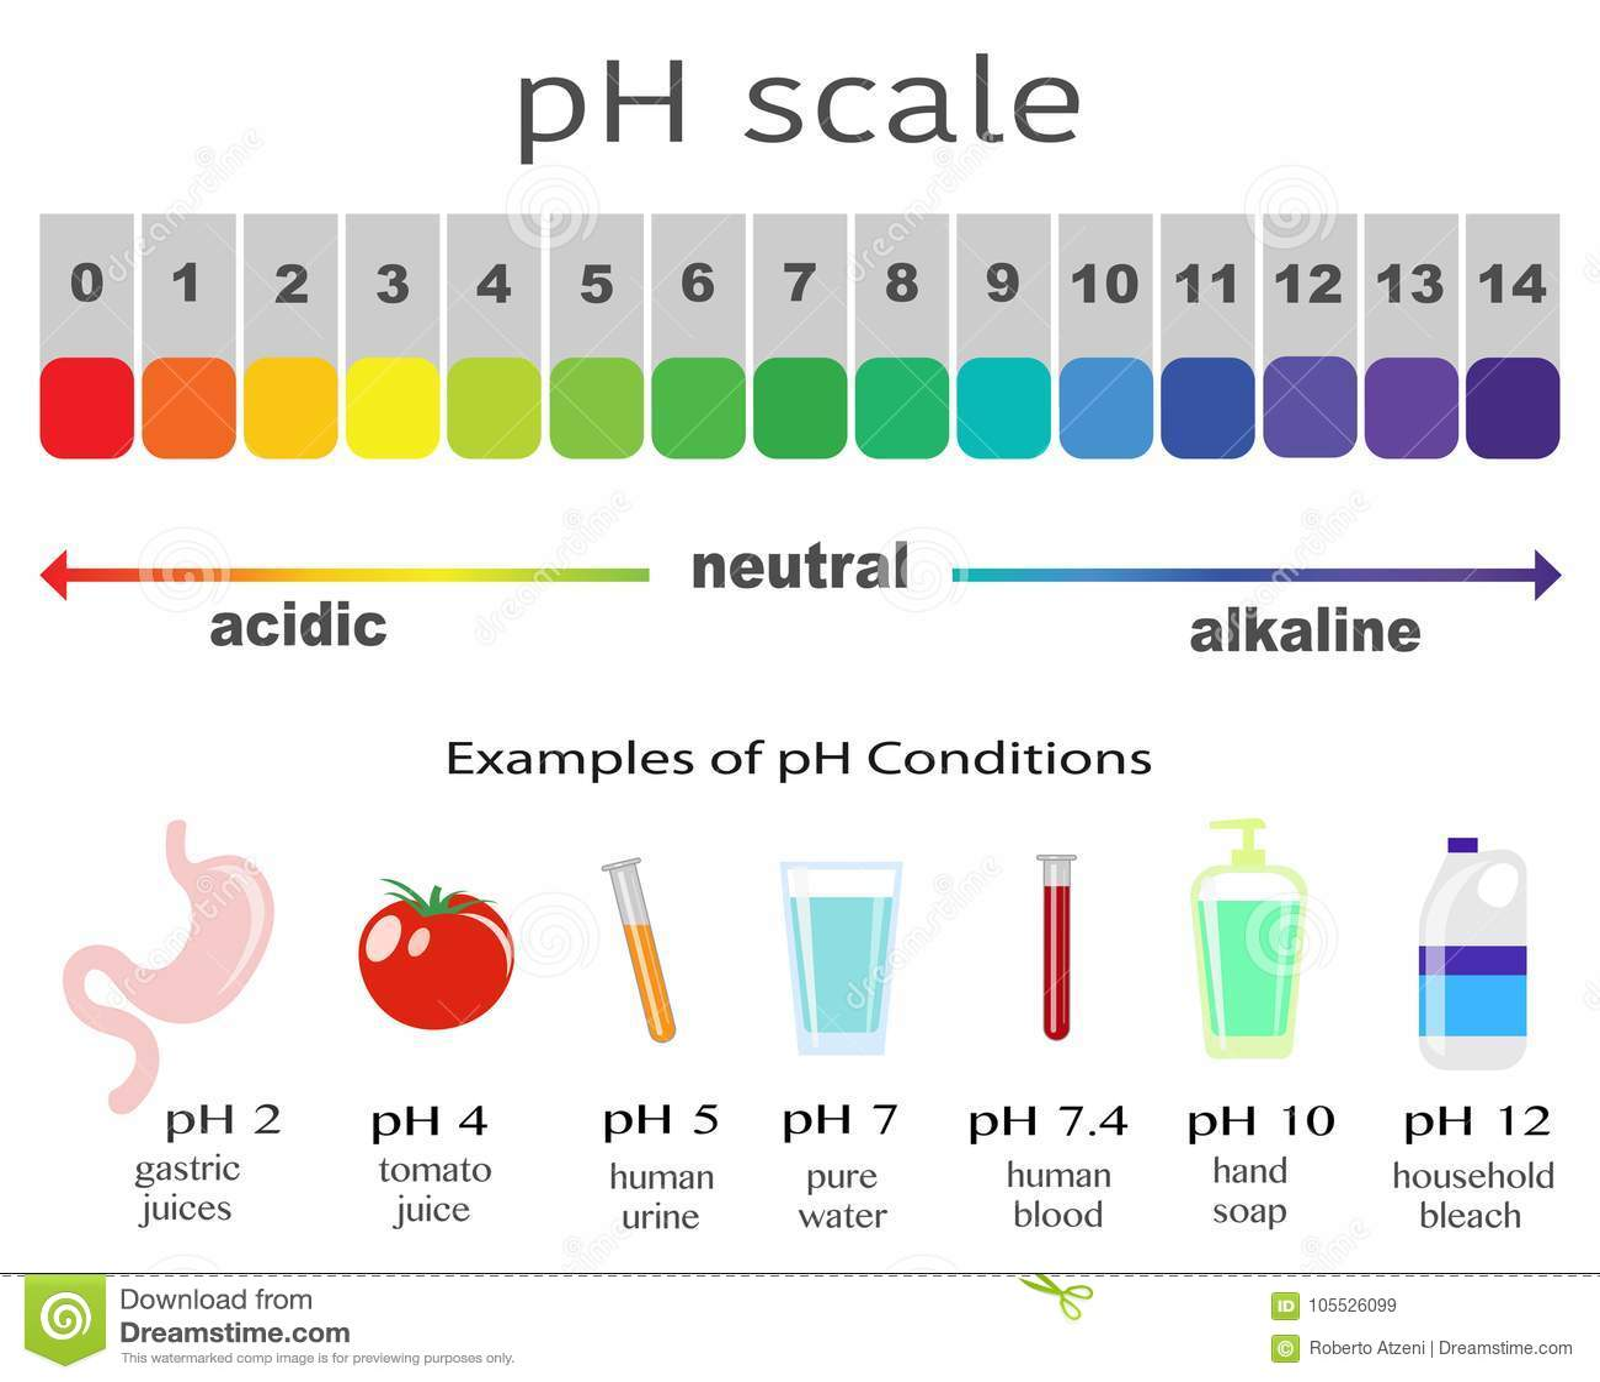 Echelle De Valeur Du Ph Pour Les Solutions Acides Et